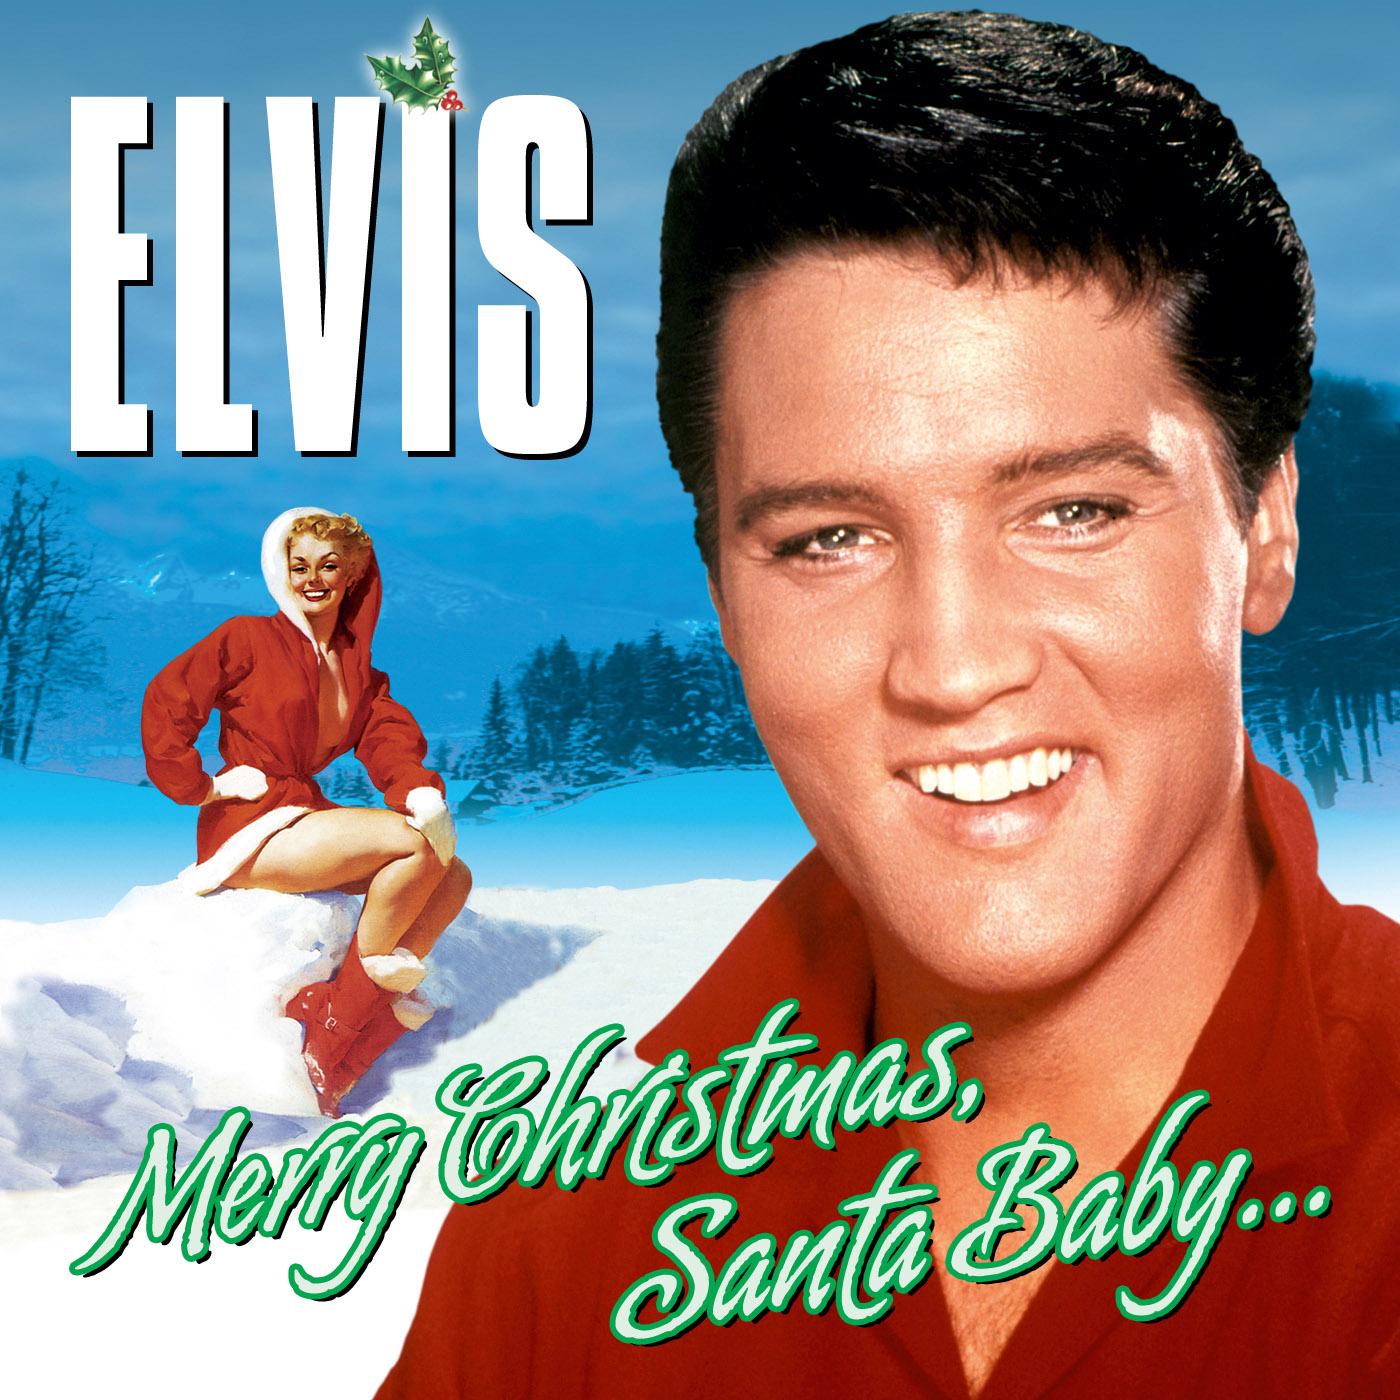 elvis_presley_christmas_web_jpg